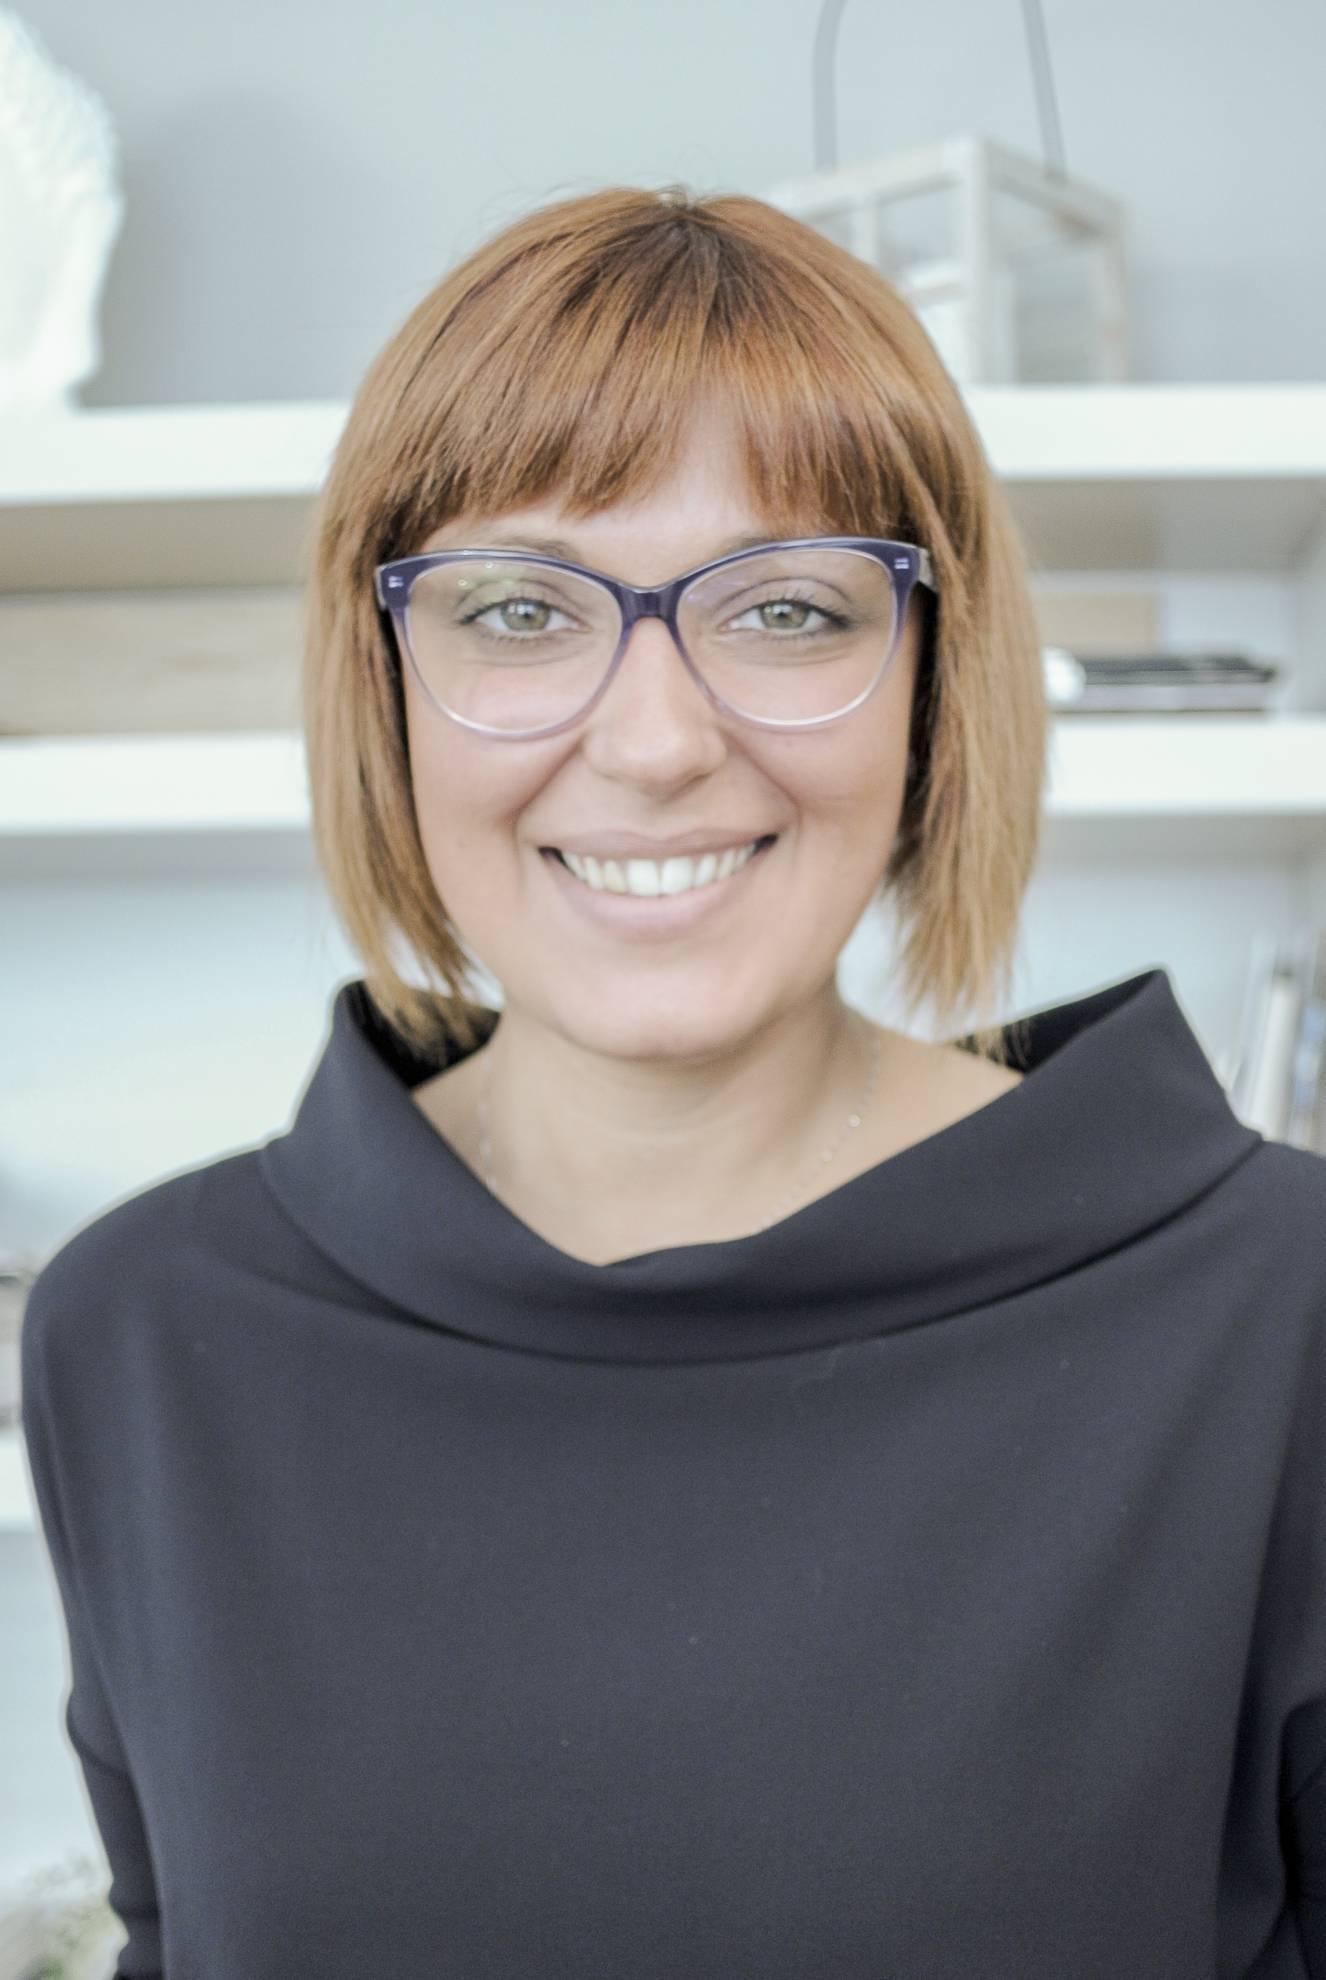 Silvia Saggiorato